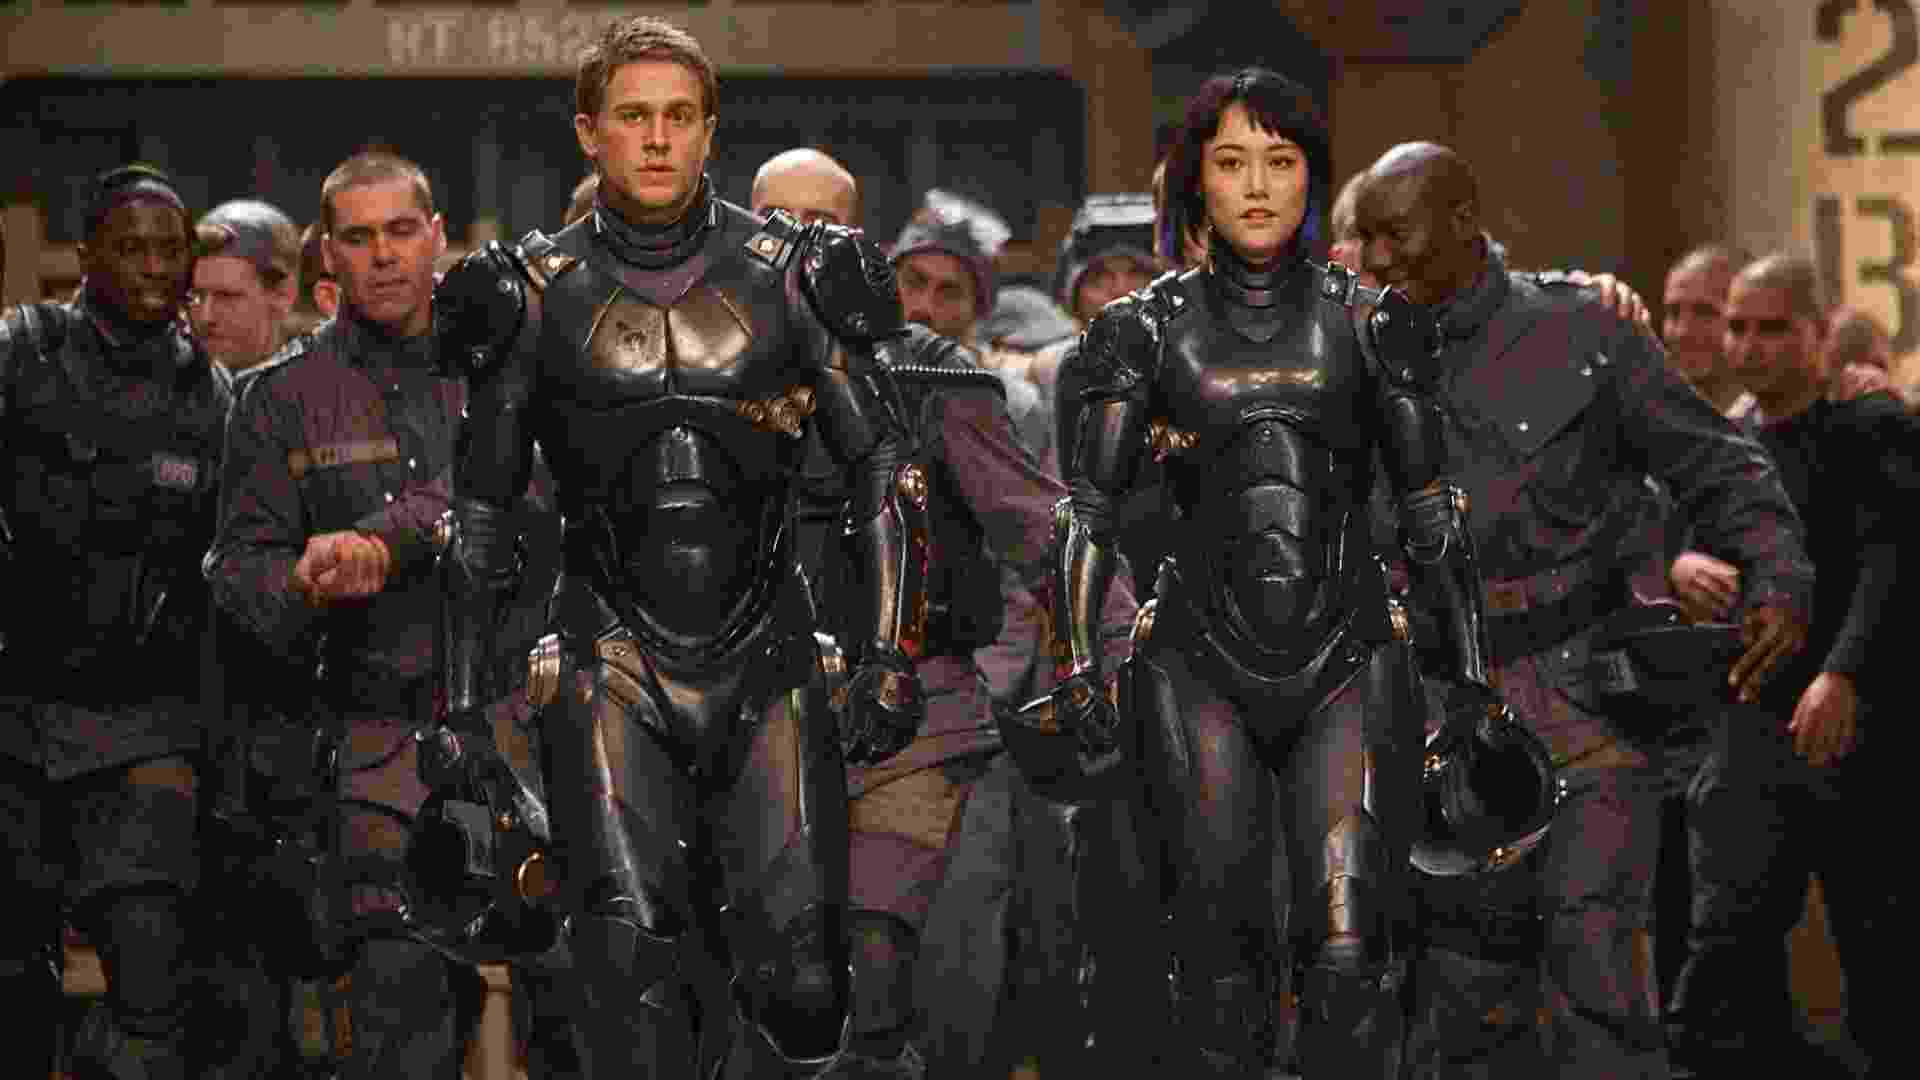 """Charlie Hunnam é um ex-piloto que se une à novata interpretada por Rinko Kikuchi para formar uma equipe que pilotará um robô Jaeger para defender a humanidade contra as criaturas chamadas Kaiju; no novo longa de Guillermo del Toro, """"Círculo de Fogo"""" - Divulgação"""